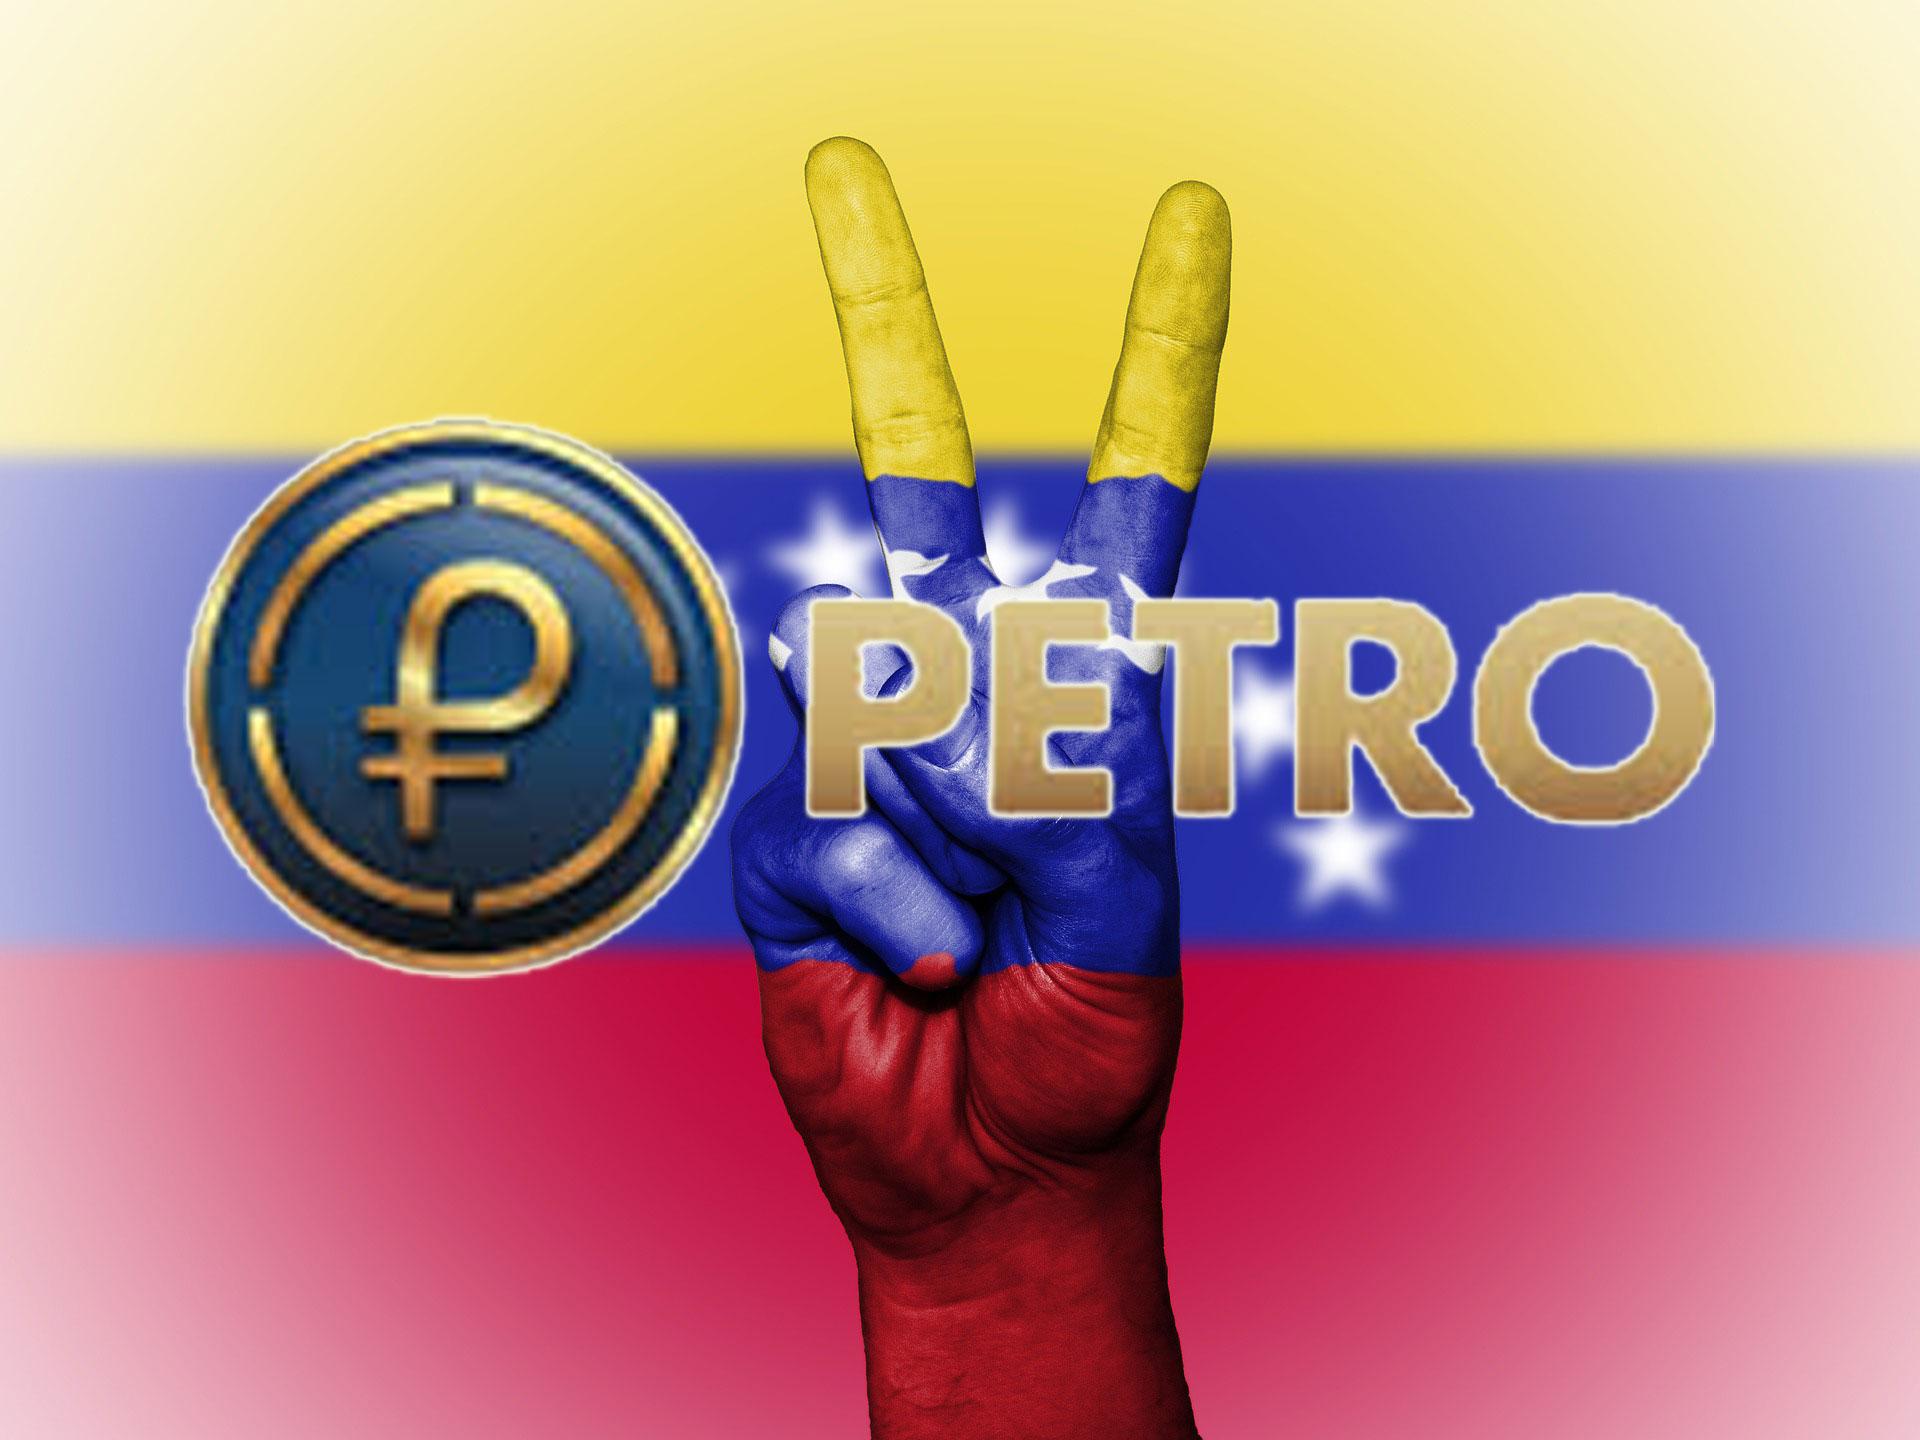 ベネズエラ大統領、仮想通貨ウォレット登録する国民に「0.5ペトロ」無料配布!